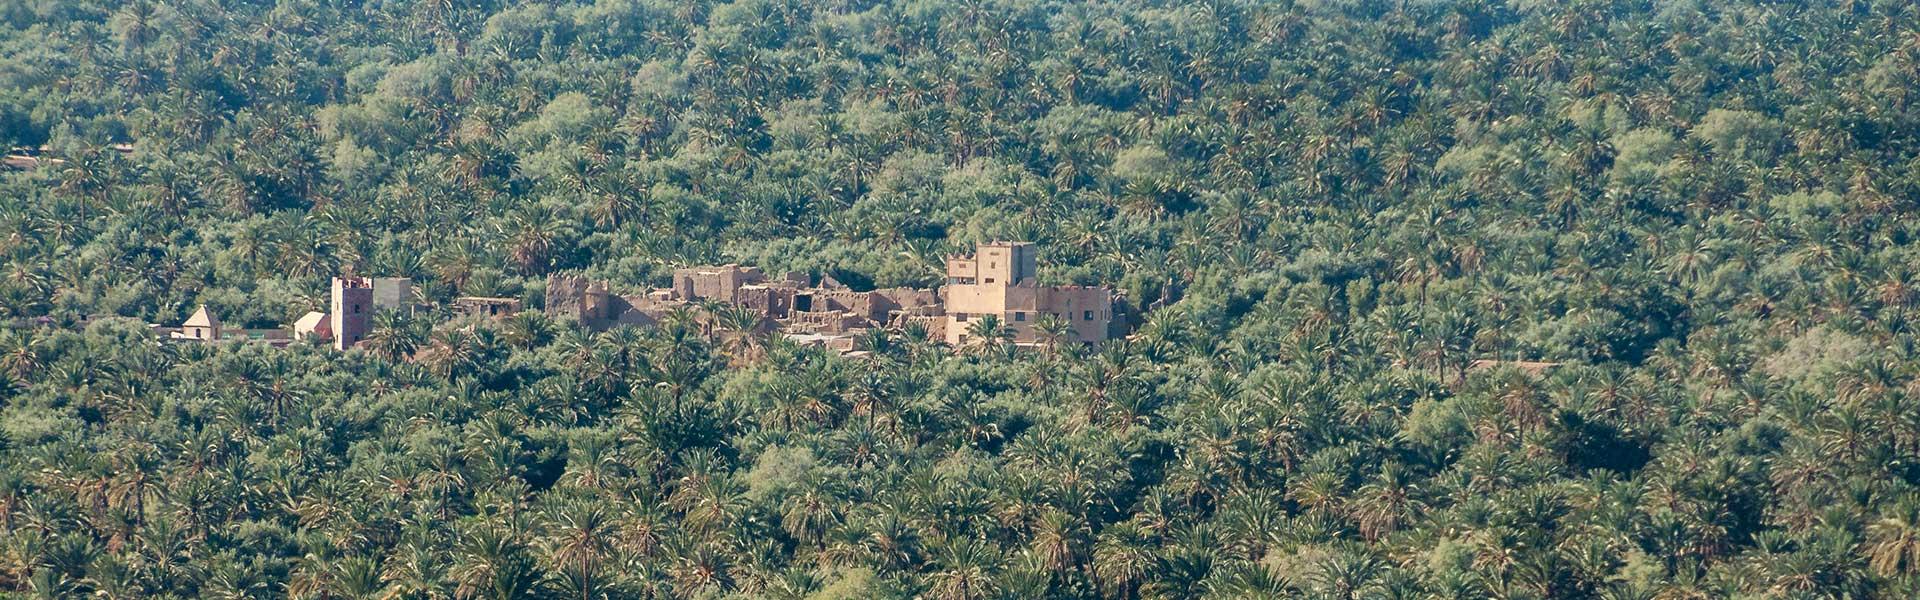 Oasis et palmeraies de la région Sud Est du Maroc